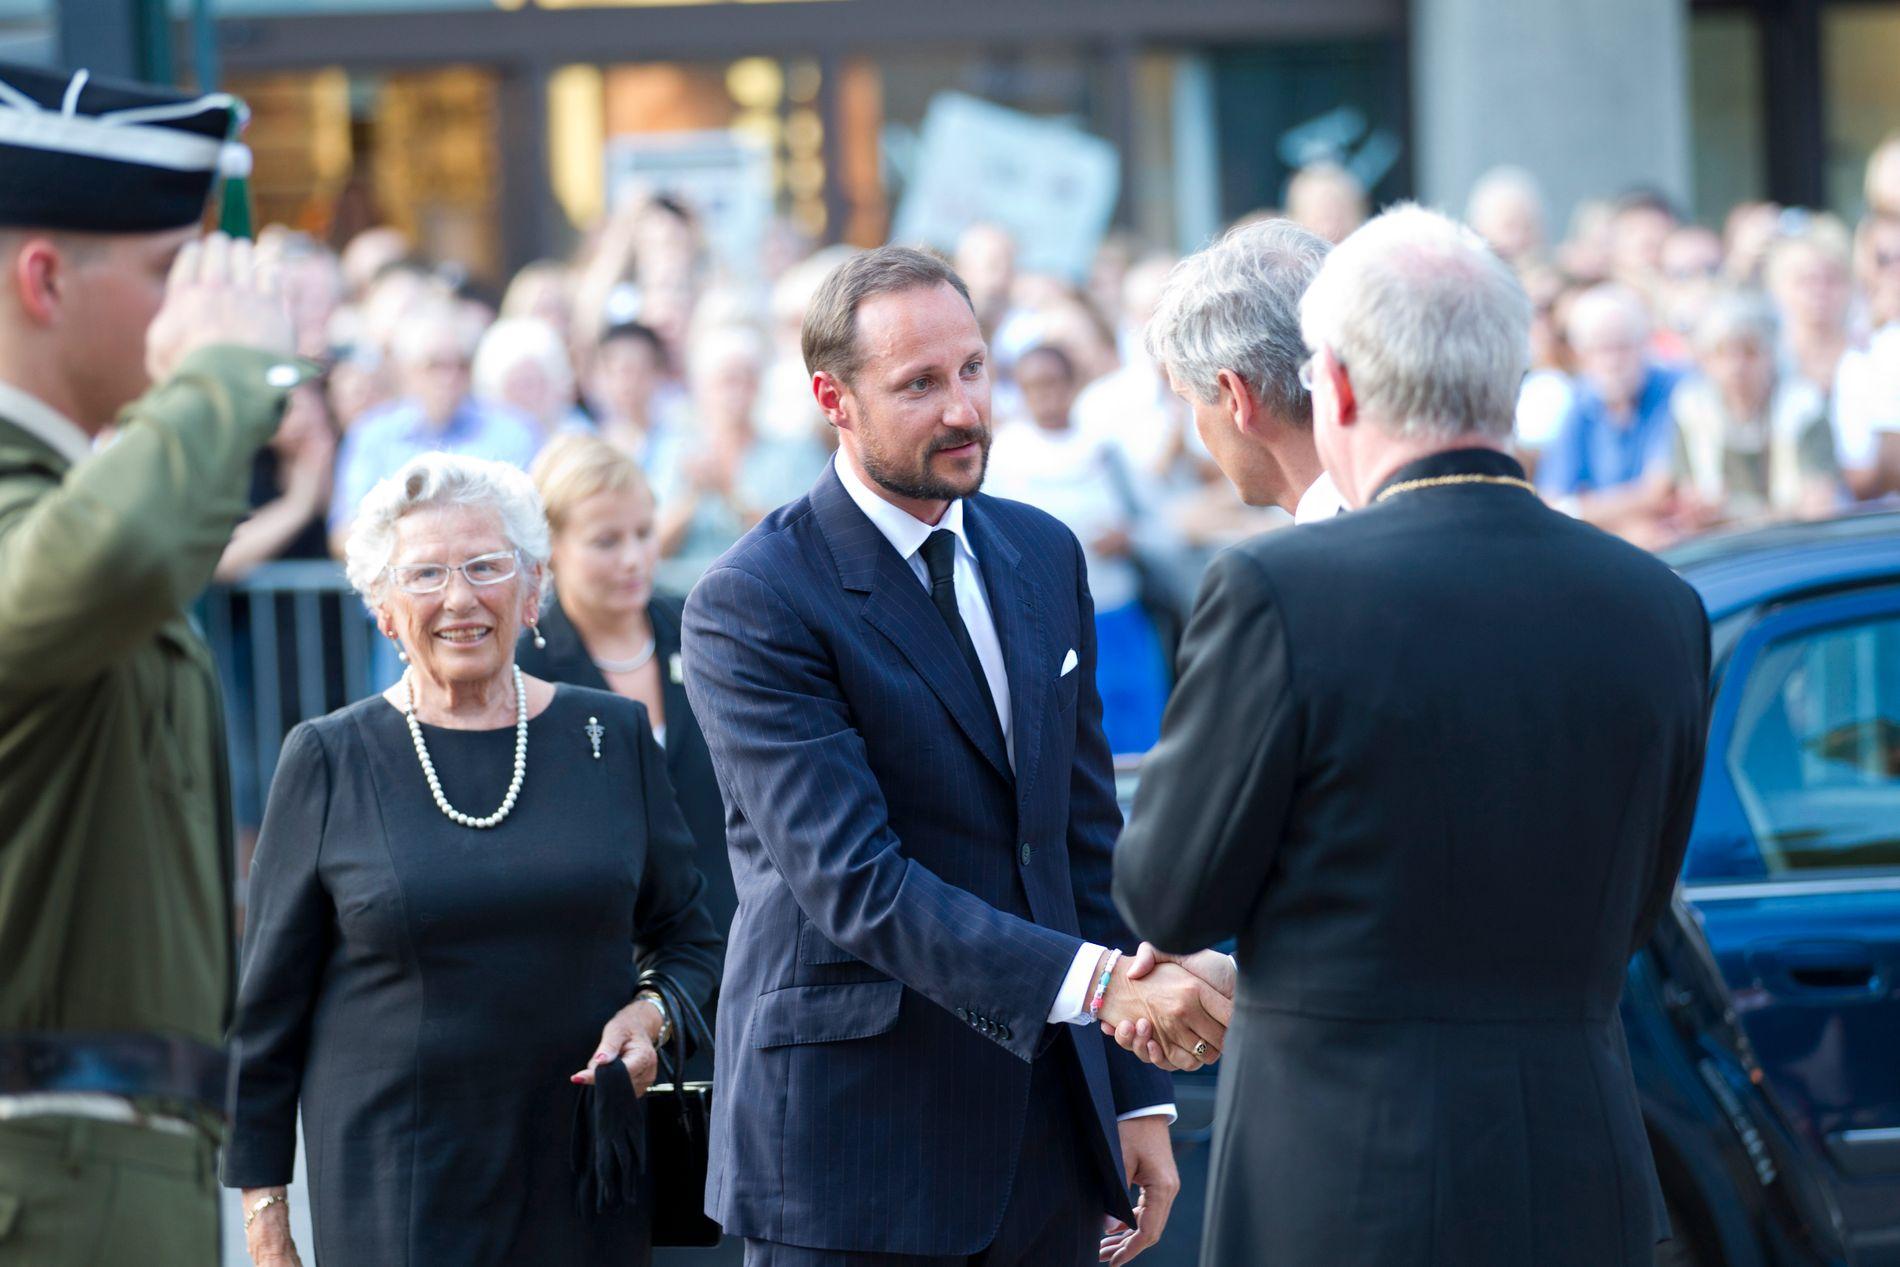 Kronprins Haakon og prinsesse Astrid ankommer lørdagens minnekonsert i Oslo Domkirke etter forrige fredags terrorangrep. De mootaes av Biskop Ole Christian Kvarme.